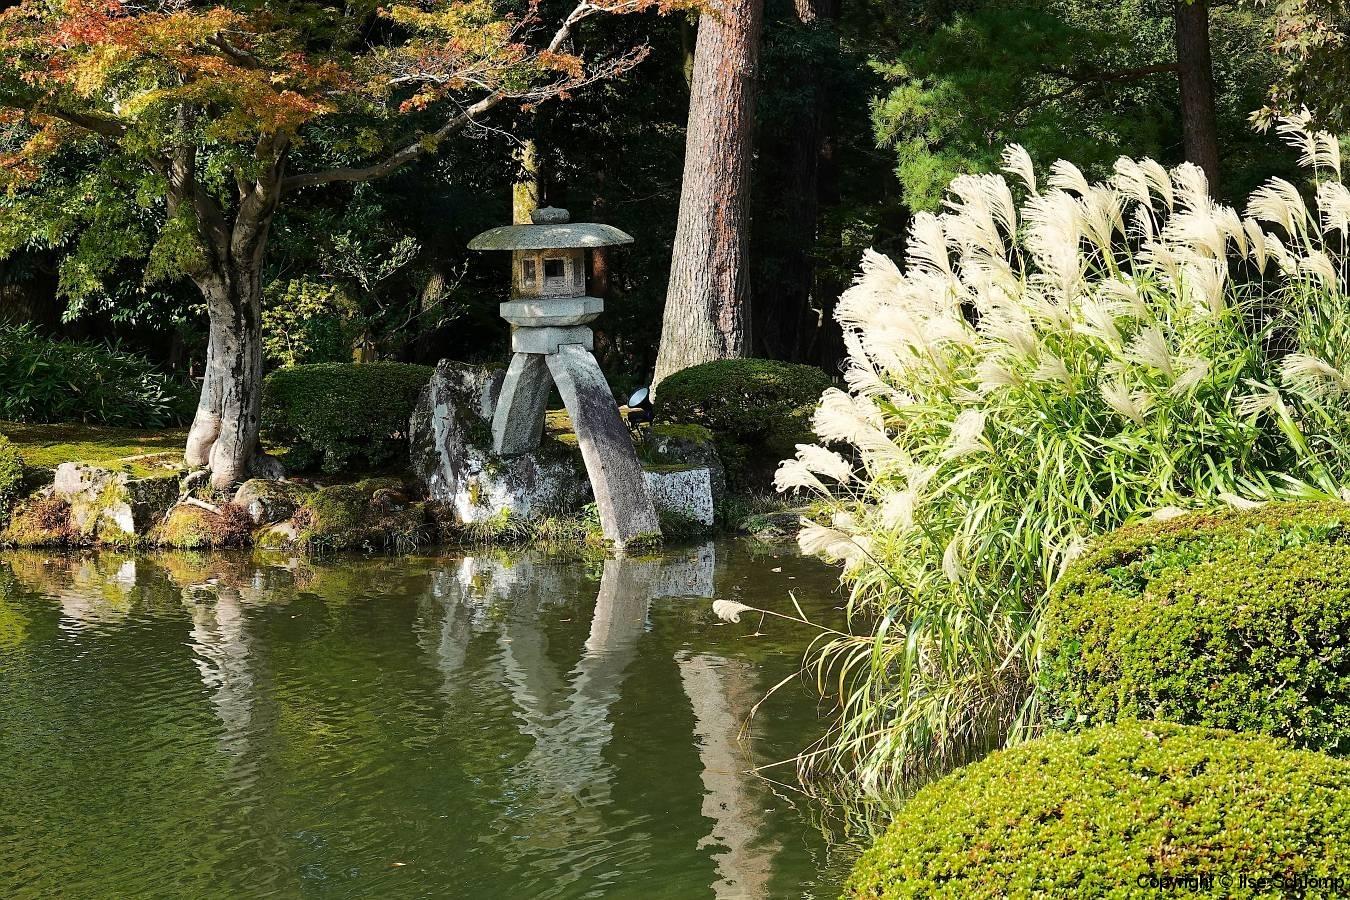 Japan, Kanazawa, Kenroku-en Garten, Kotoji-Laterne, Kasumi-Teich